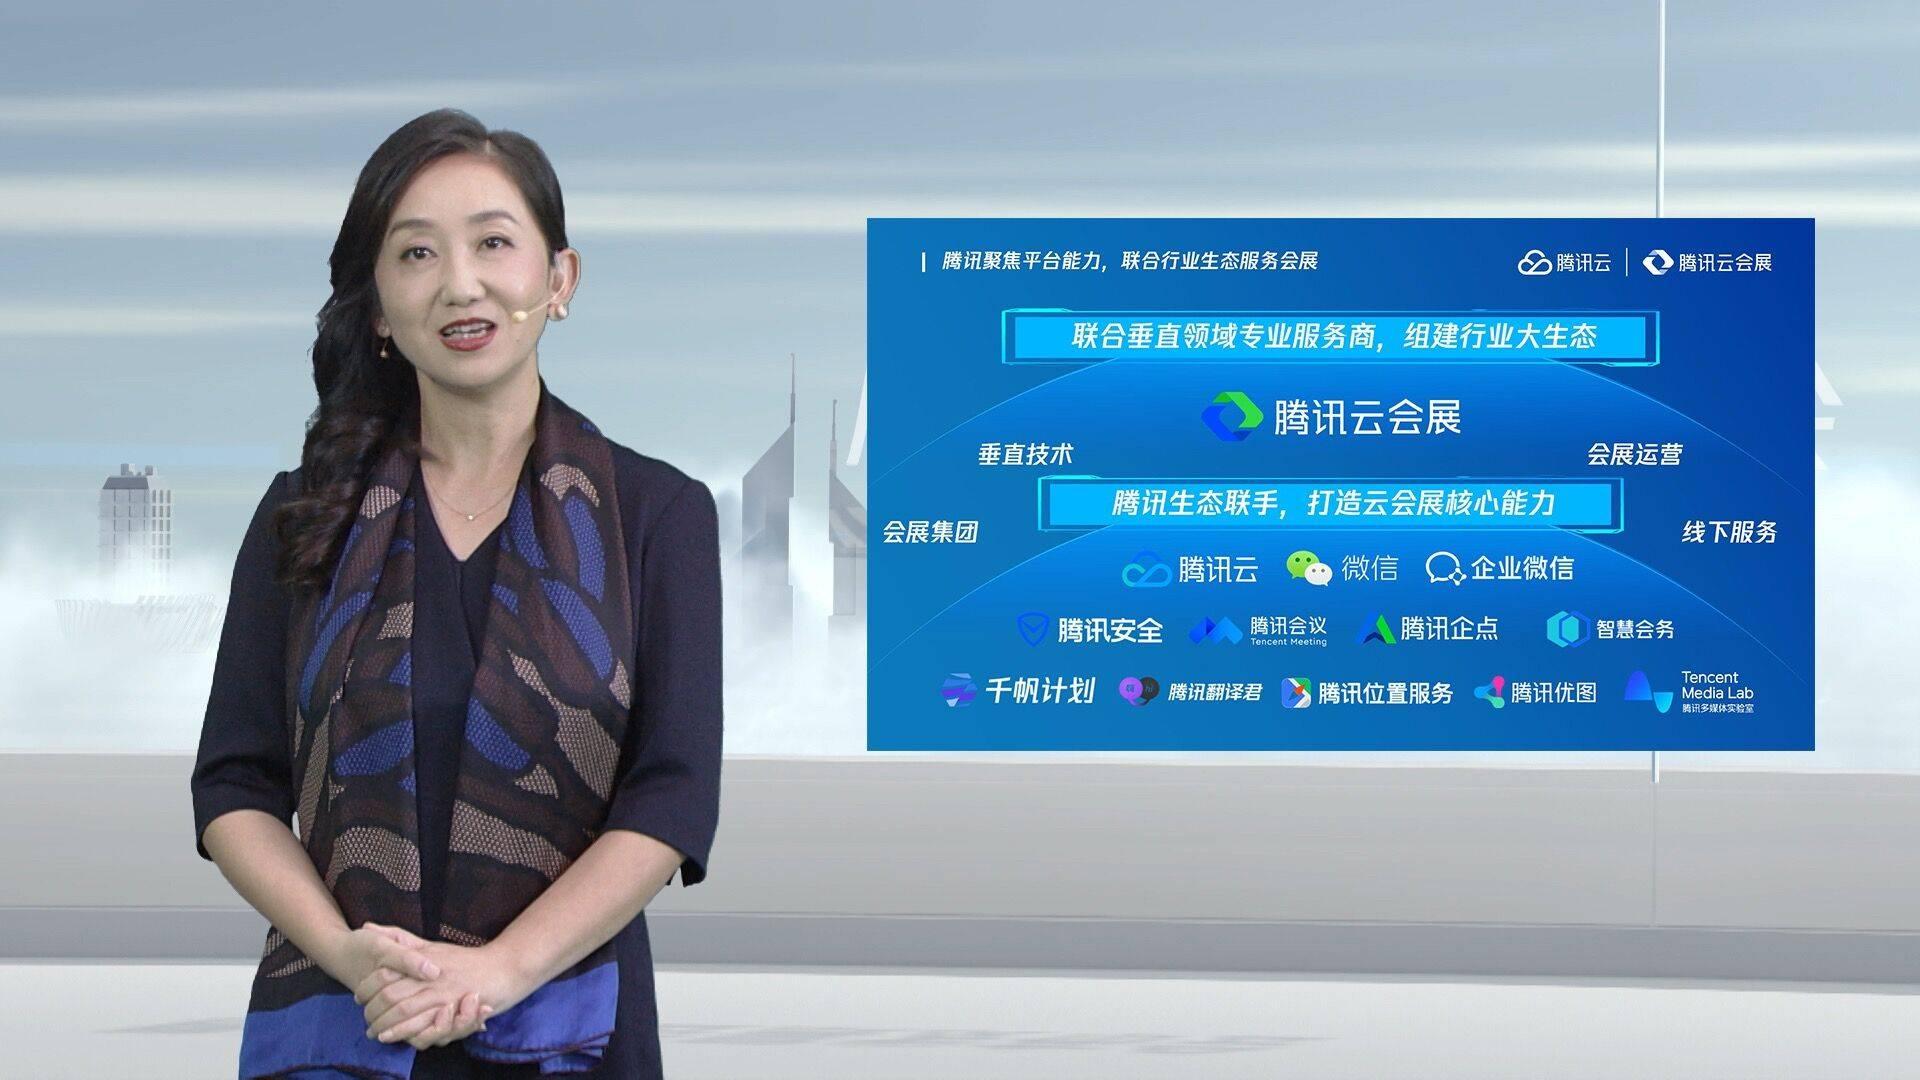 曾佳欣|腾讯云副总裁曾佳欣:腾讯聚焦搭建平台,联合生态服务会展